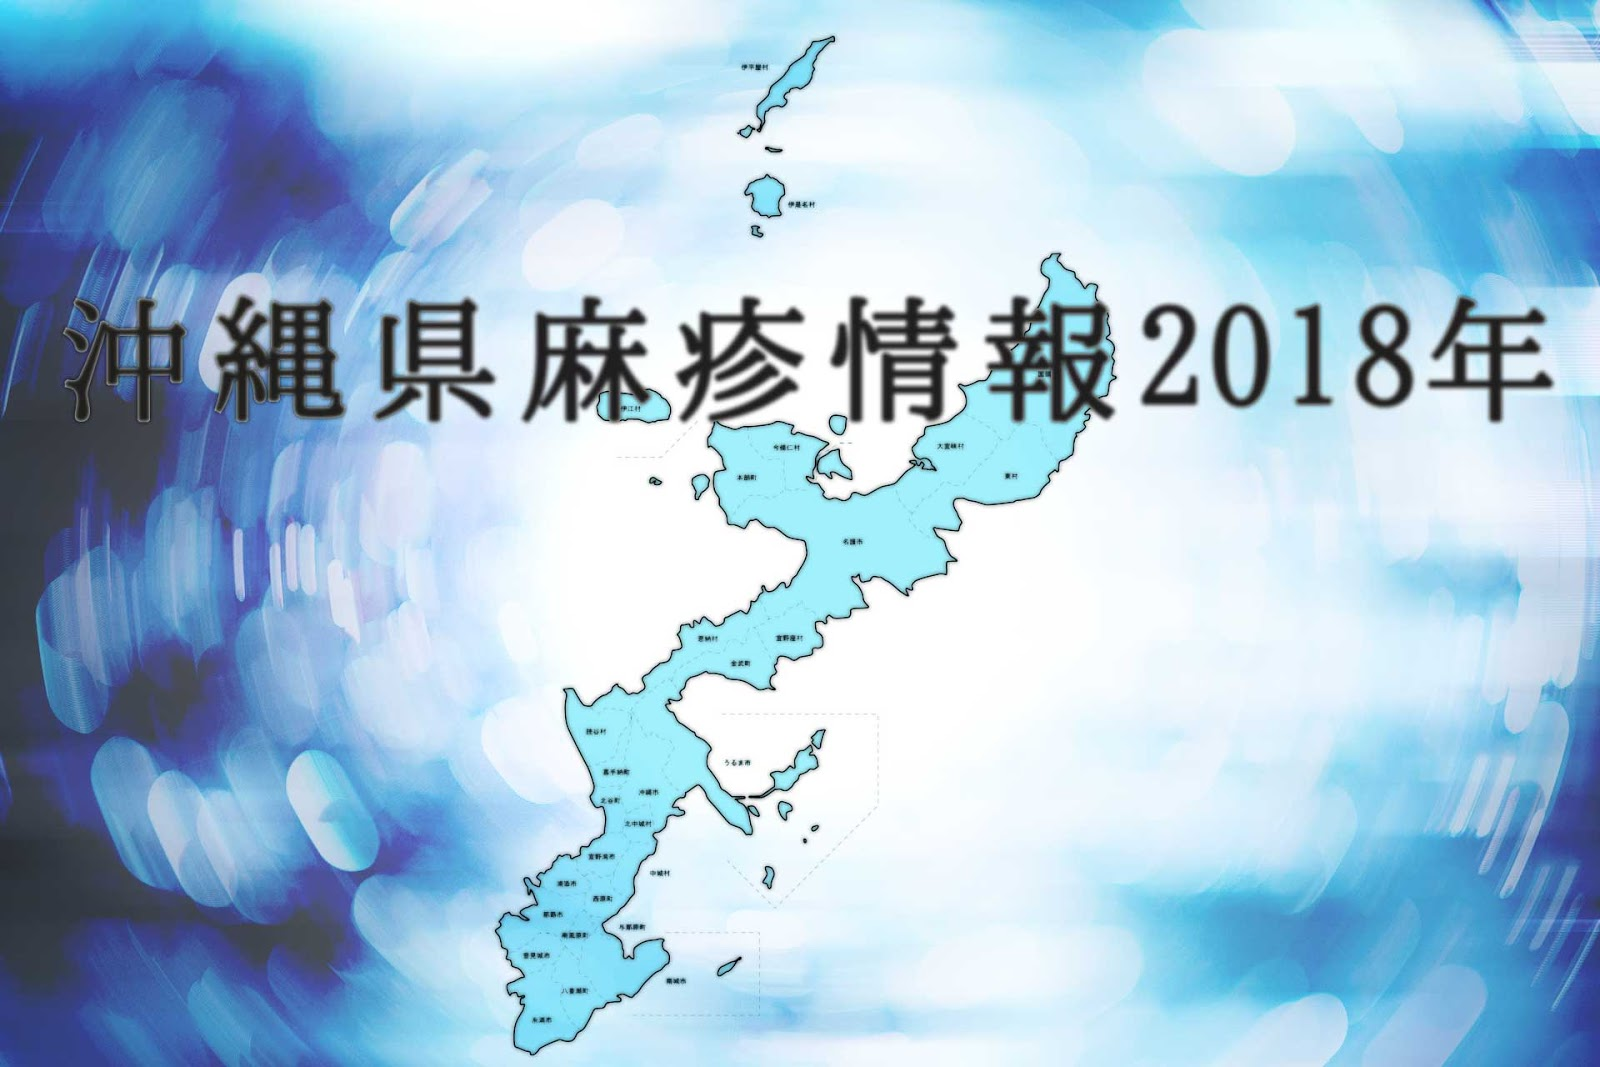 はしか: 2018年台湾→沖縄県の麻疹(はしか・麻しん)についての対応